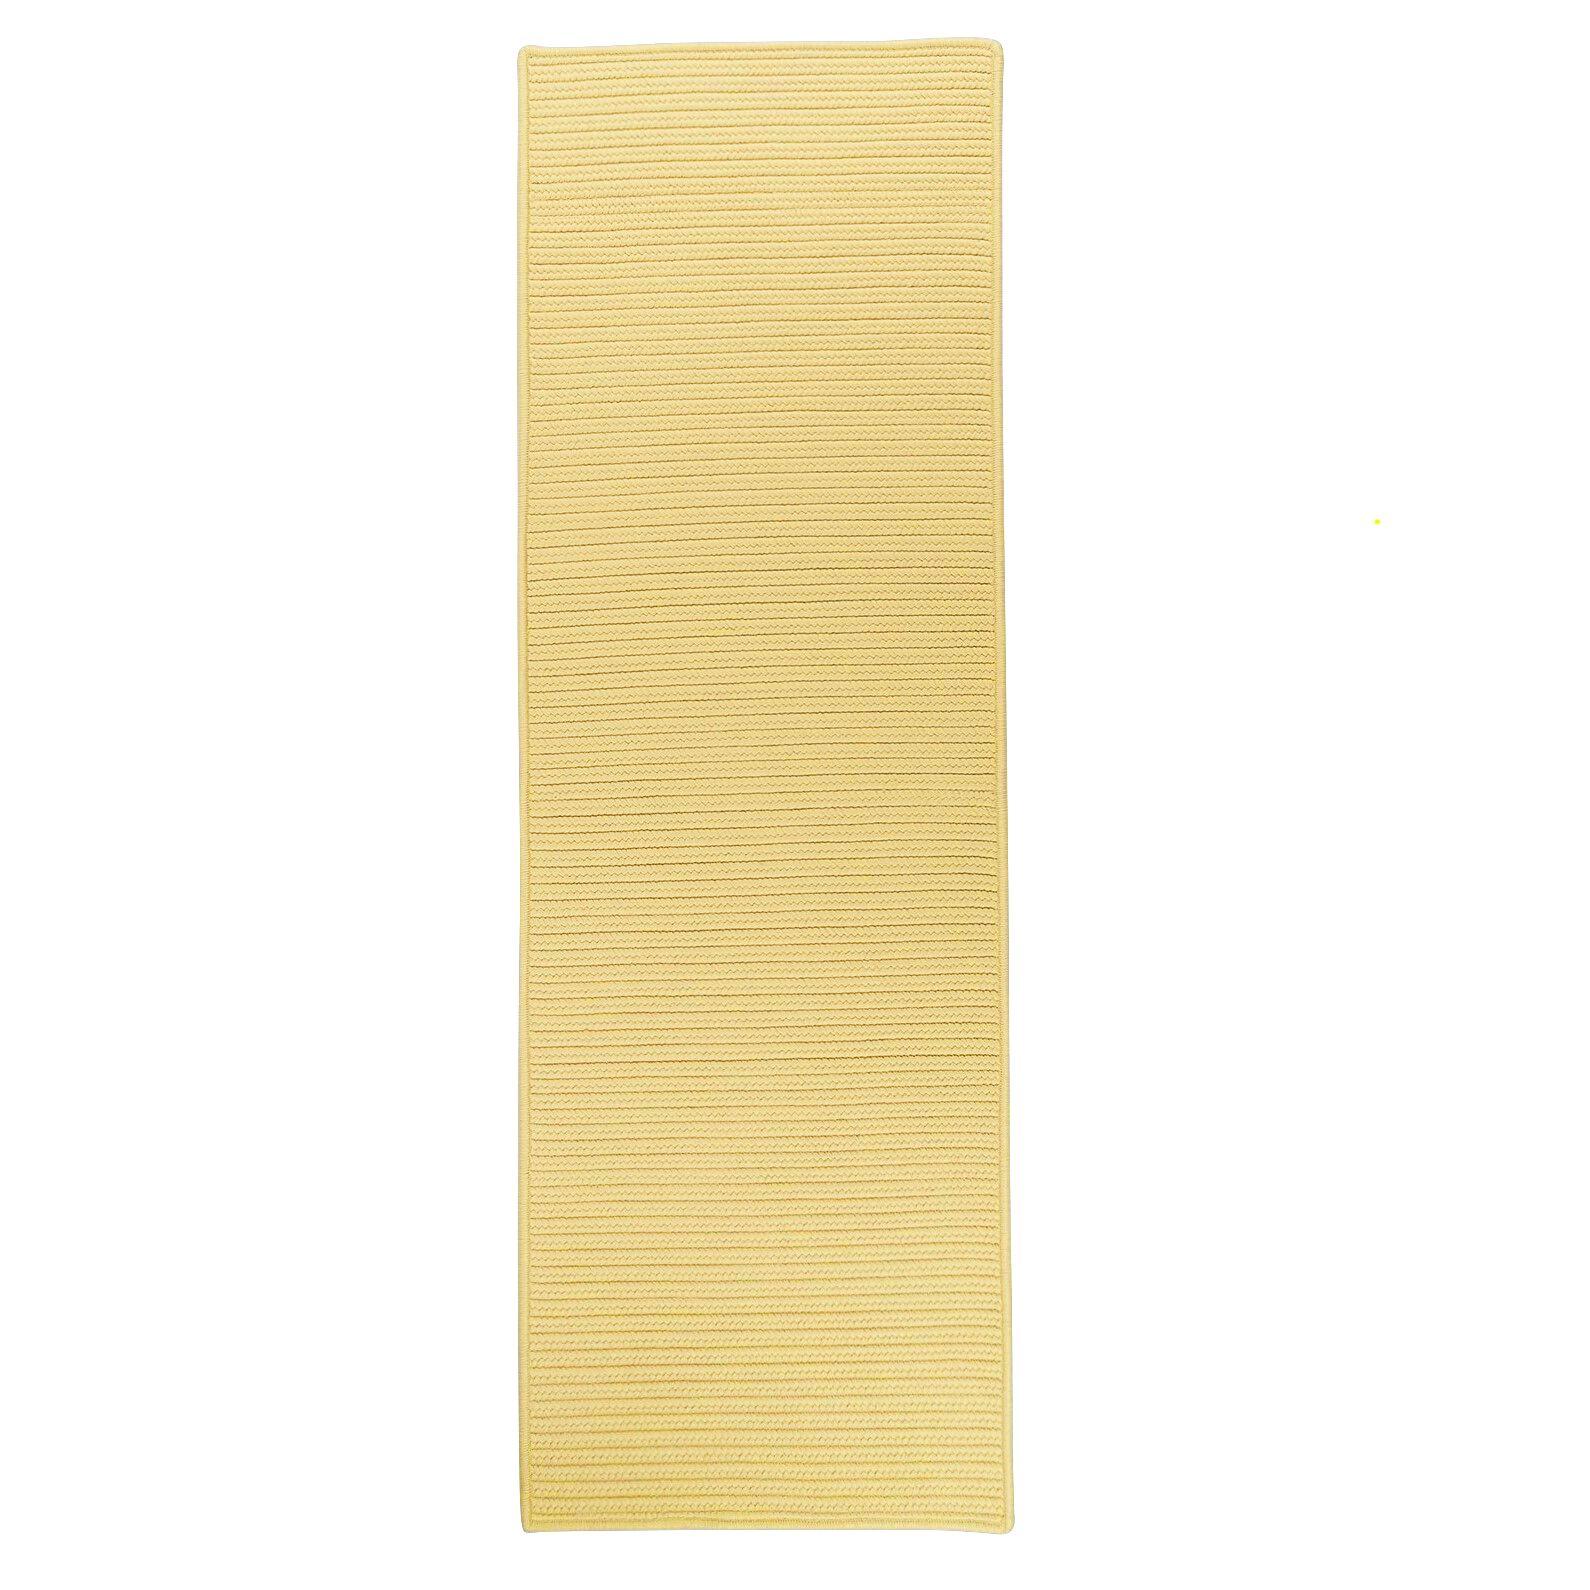 Alexus Reversible Hand-Braided Yellow Indoor/Outdoor Area Rug Rug Size: Runner 2'4